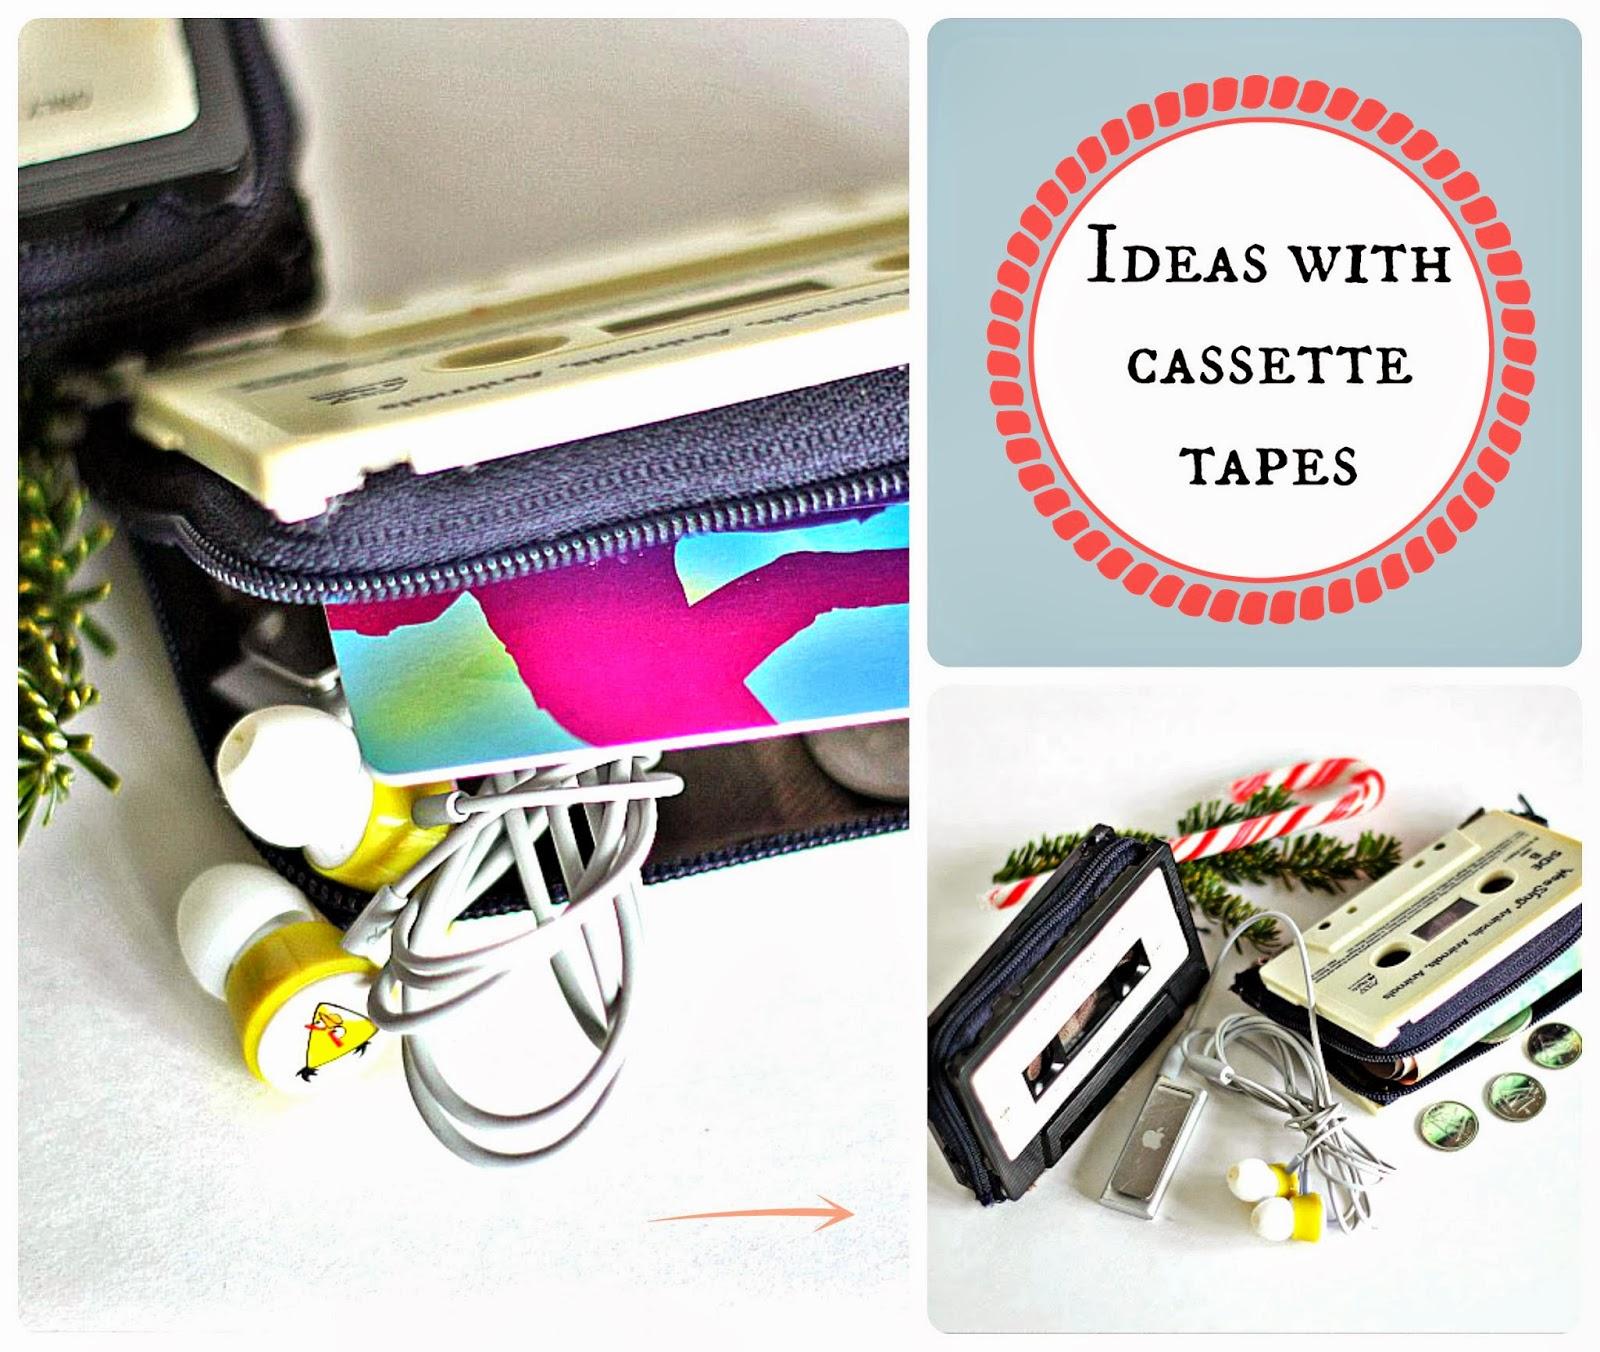 wykorzystanie kasety magnetofonowej